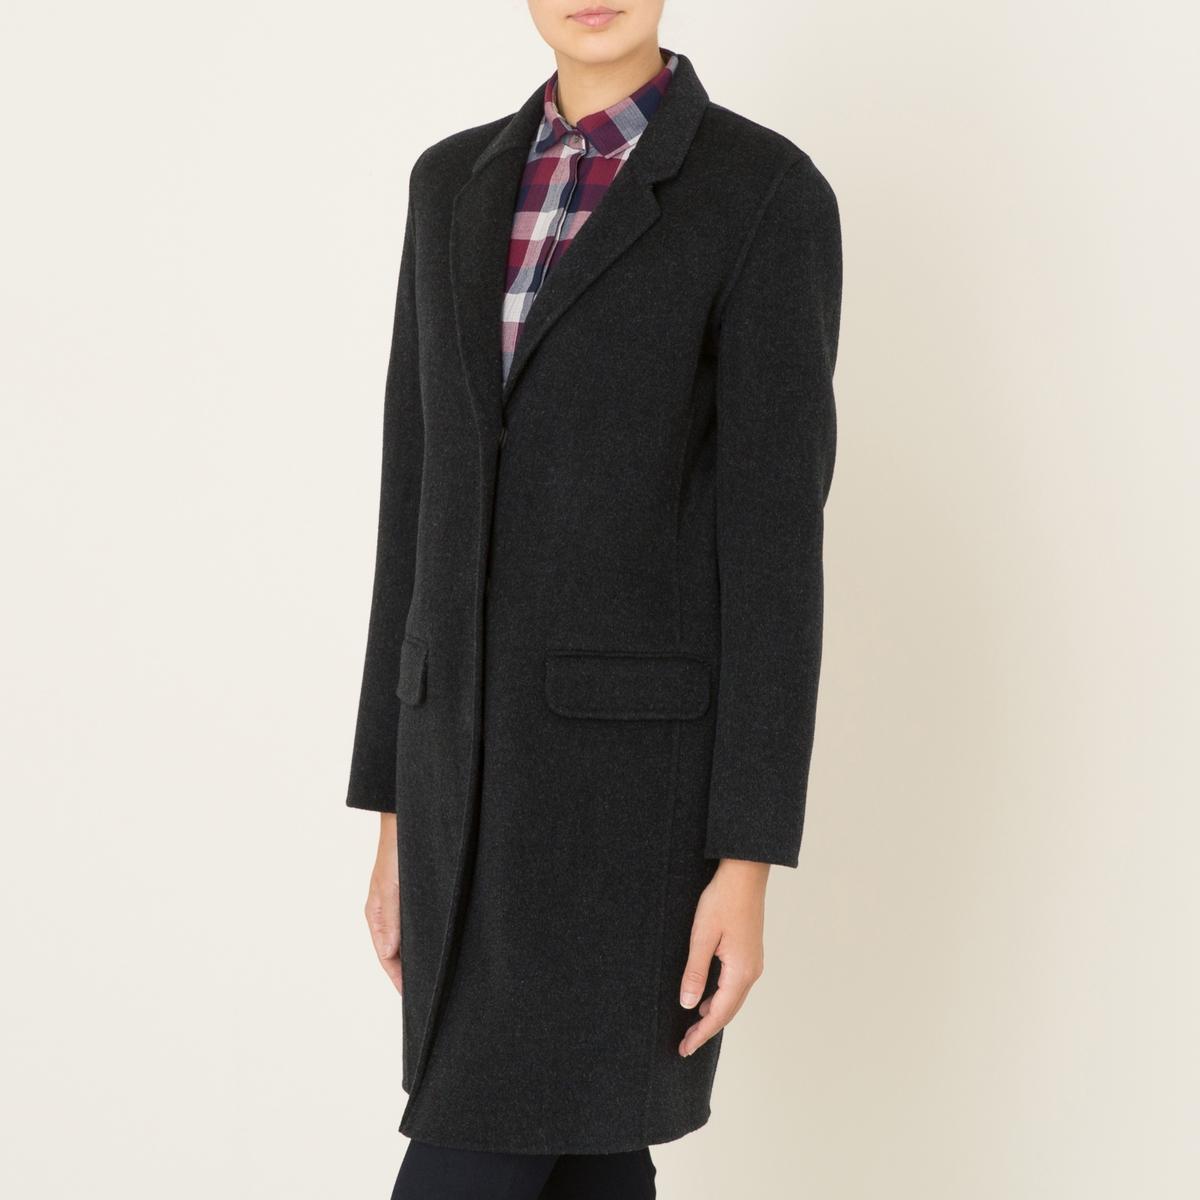 Пальто длинное женское VEGAS драповое длинное пальто из шерсти claudius